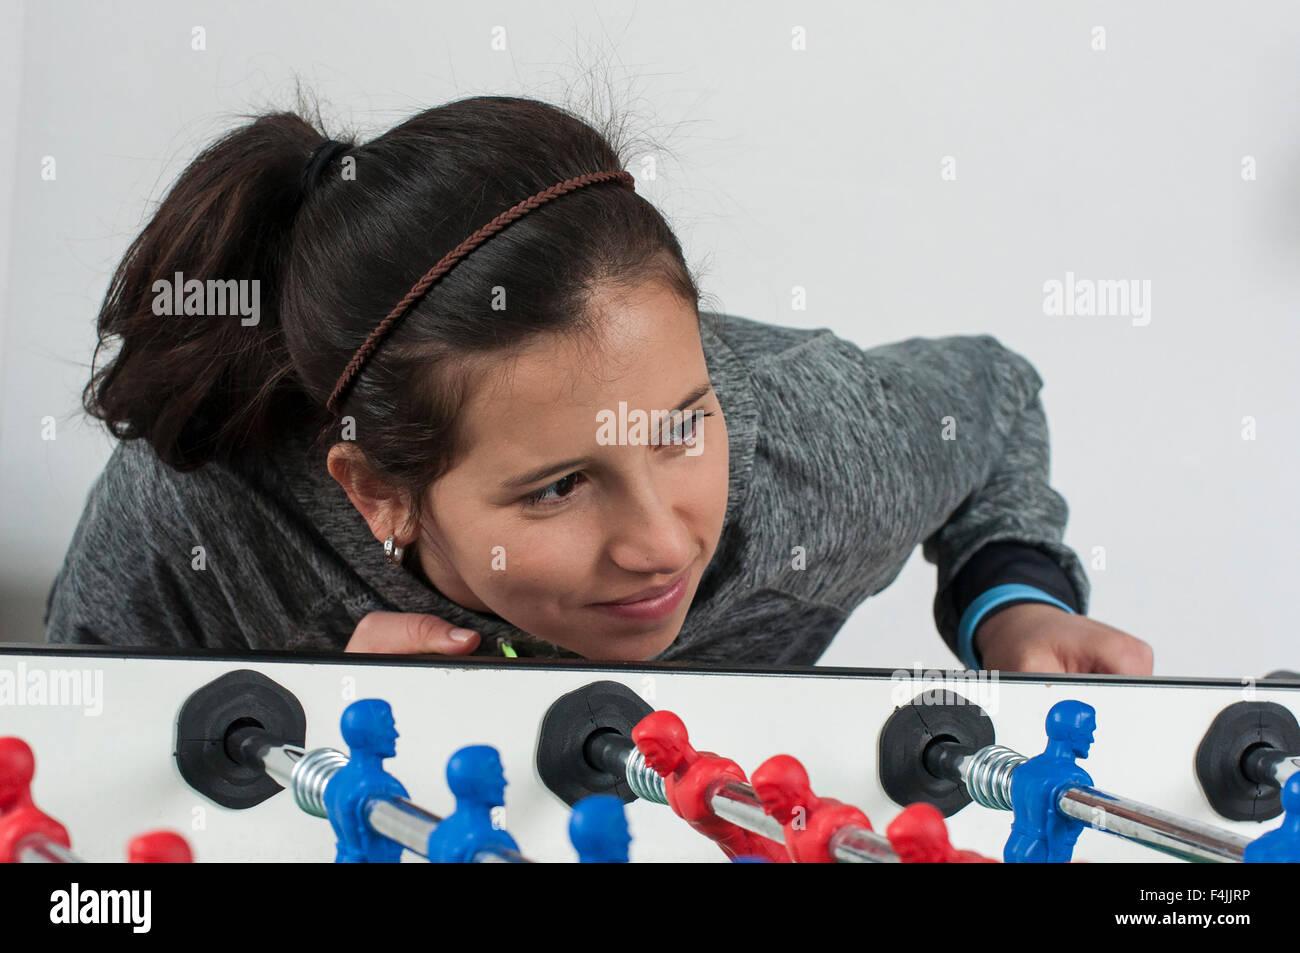 Una niña jugando al fútbol, tabla o fútbol soccer. Imagen De Stock